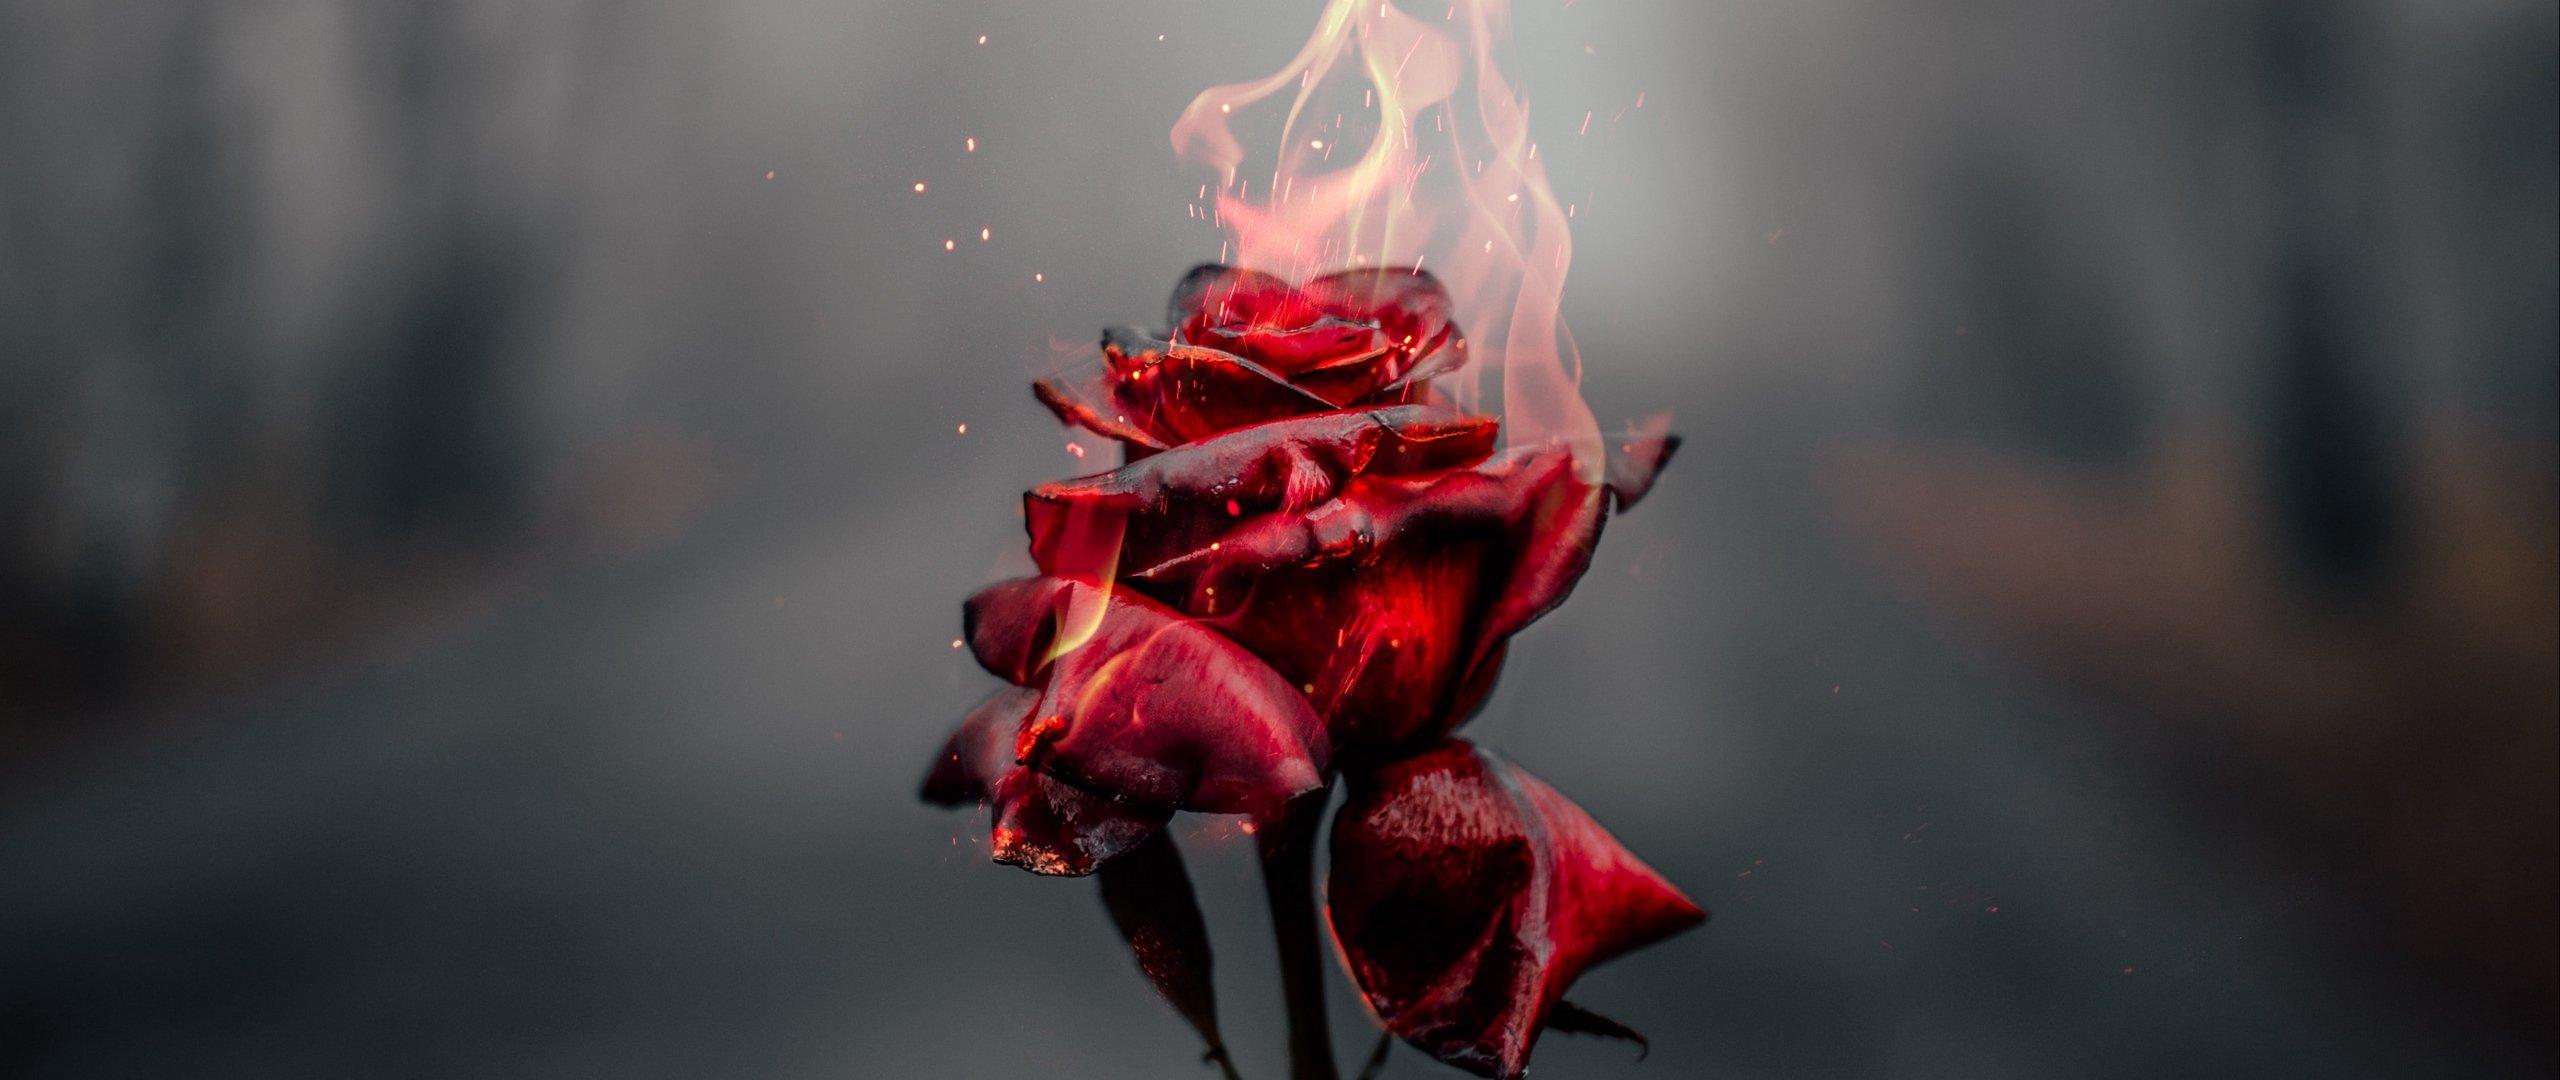 Wallpaper Rose in fire